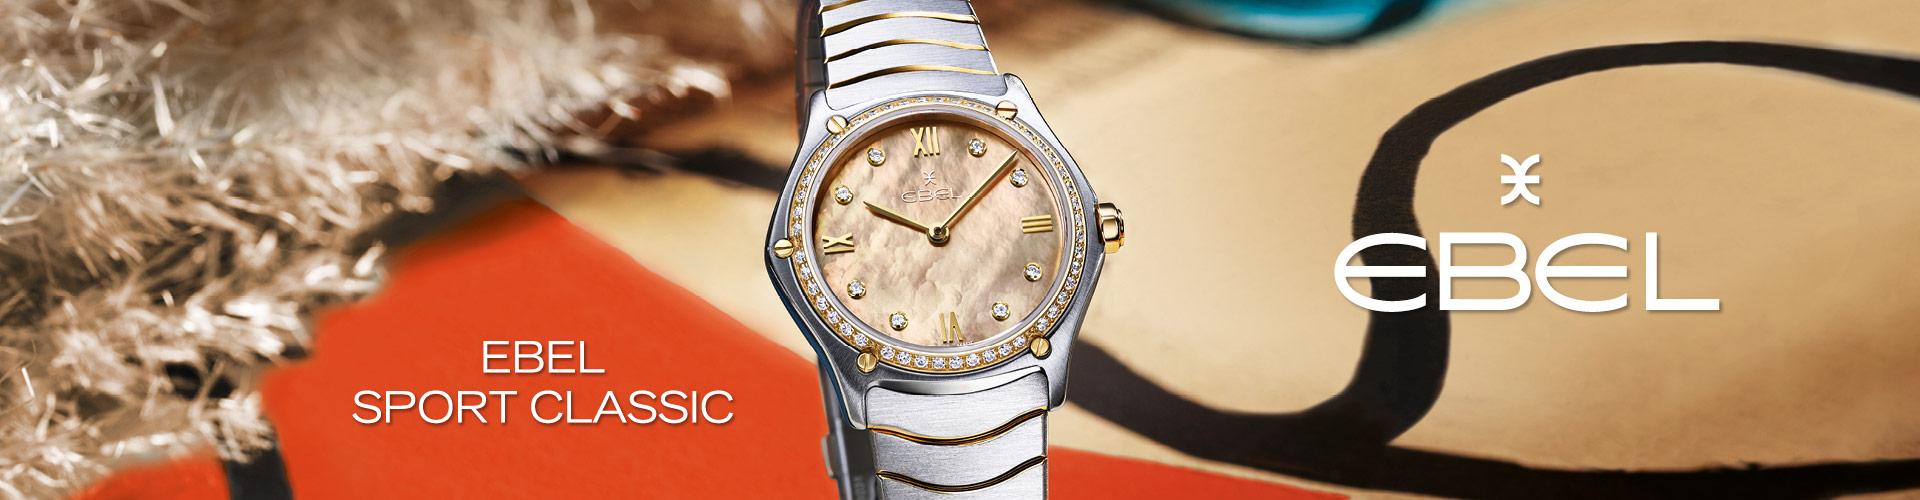 EBEL horloge koop je bij Wolters Juweliers. De EBEL SPORT CLASSIC is de topper.